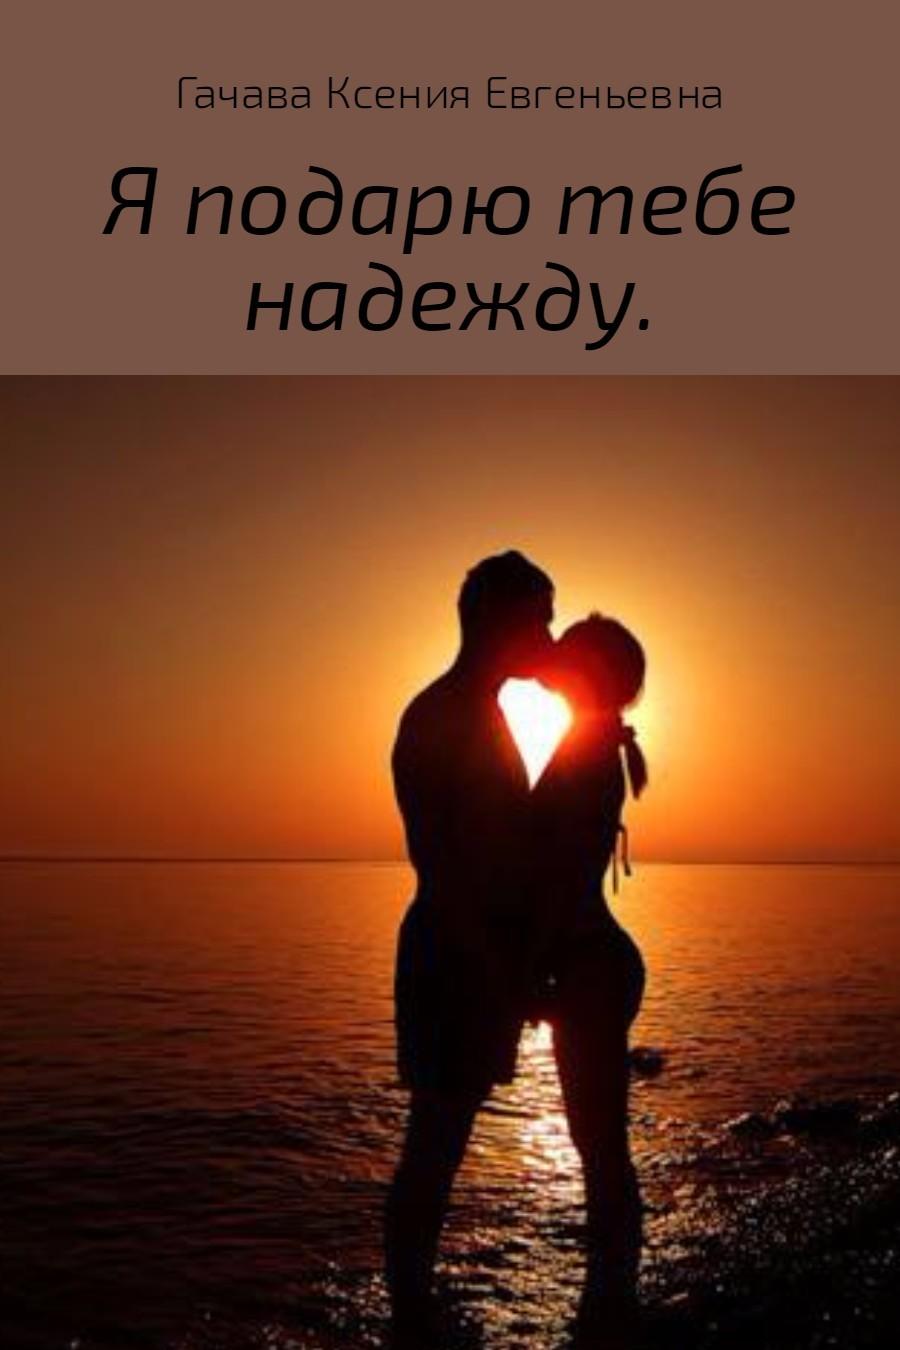 Ксения Евгеньевна Гачава Я подарю тебе надежду лесоповал лесоповал я куплю тебе дом